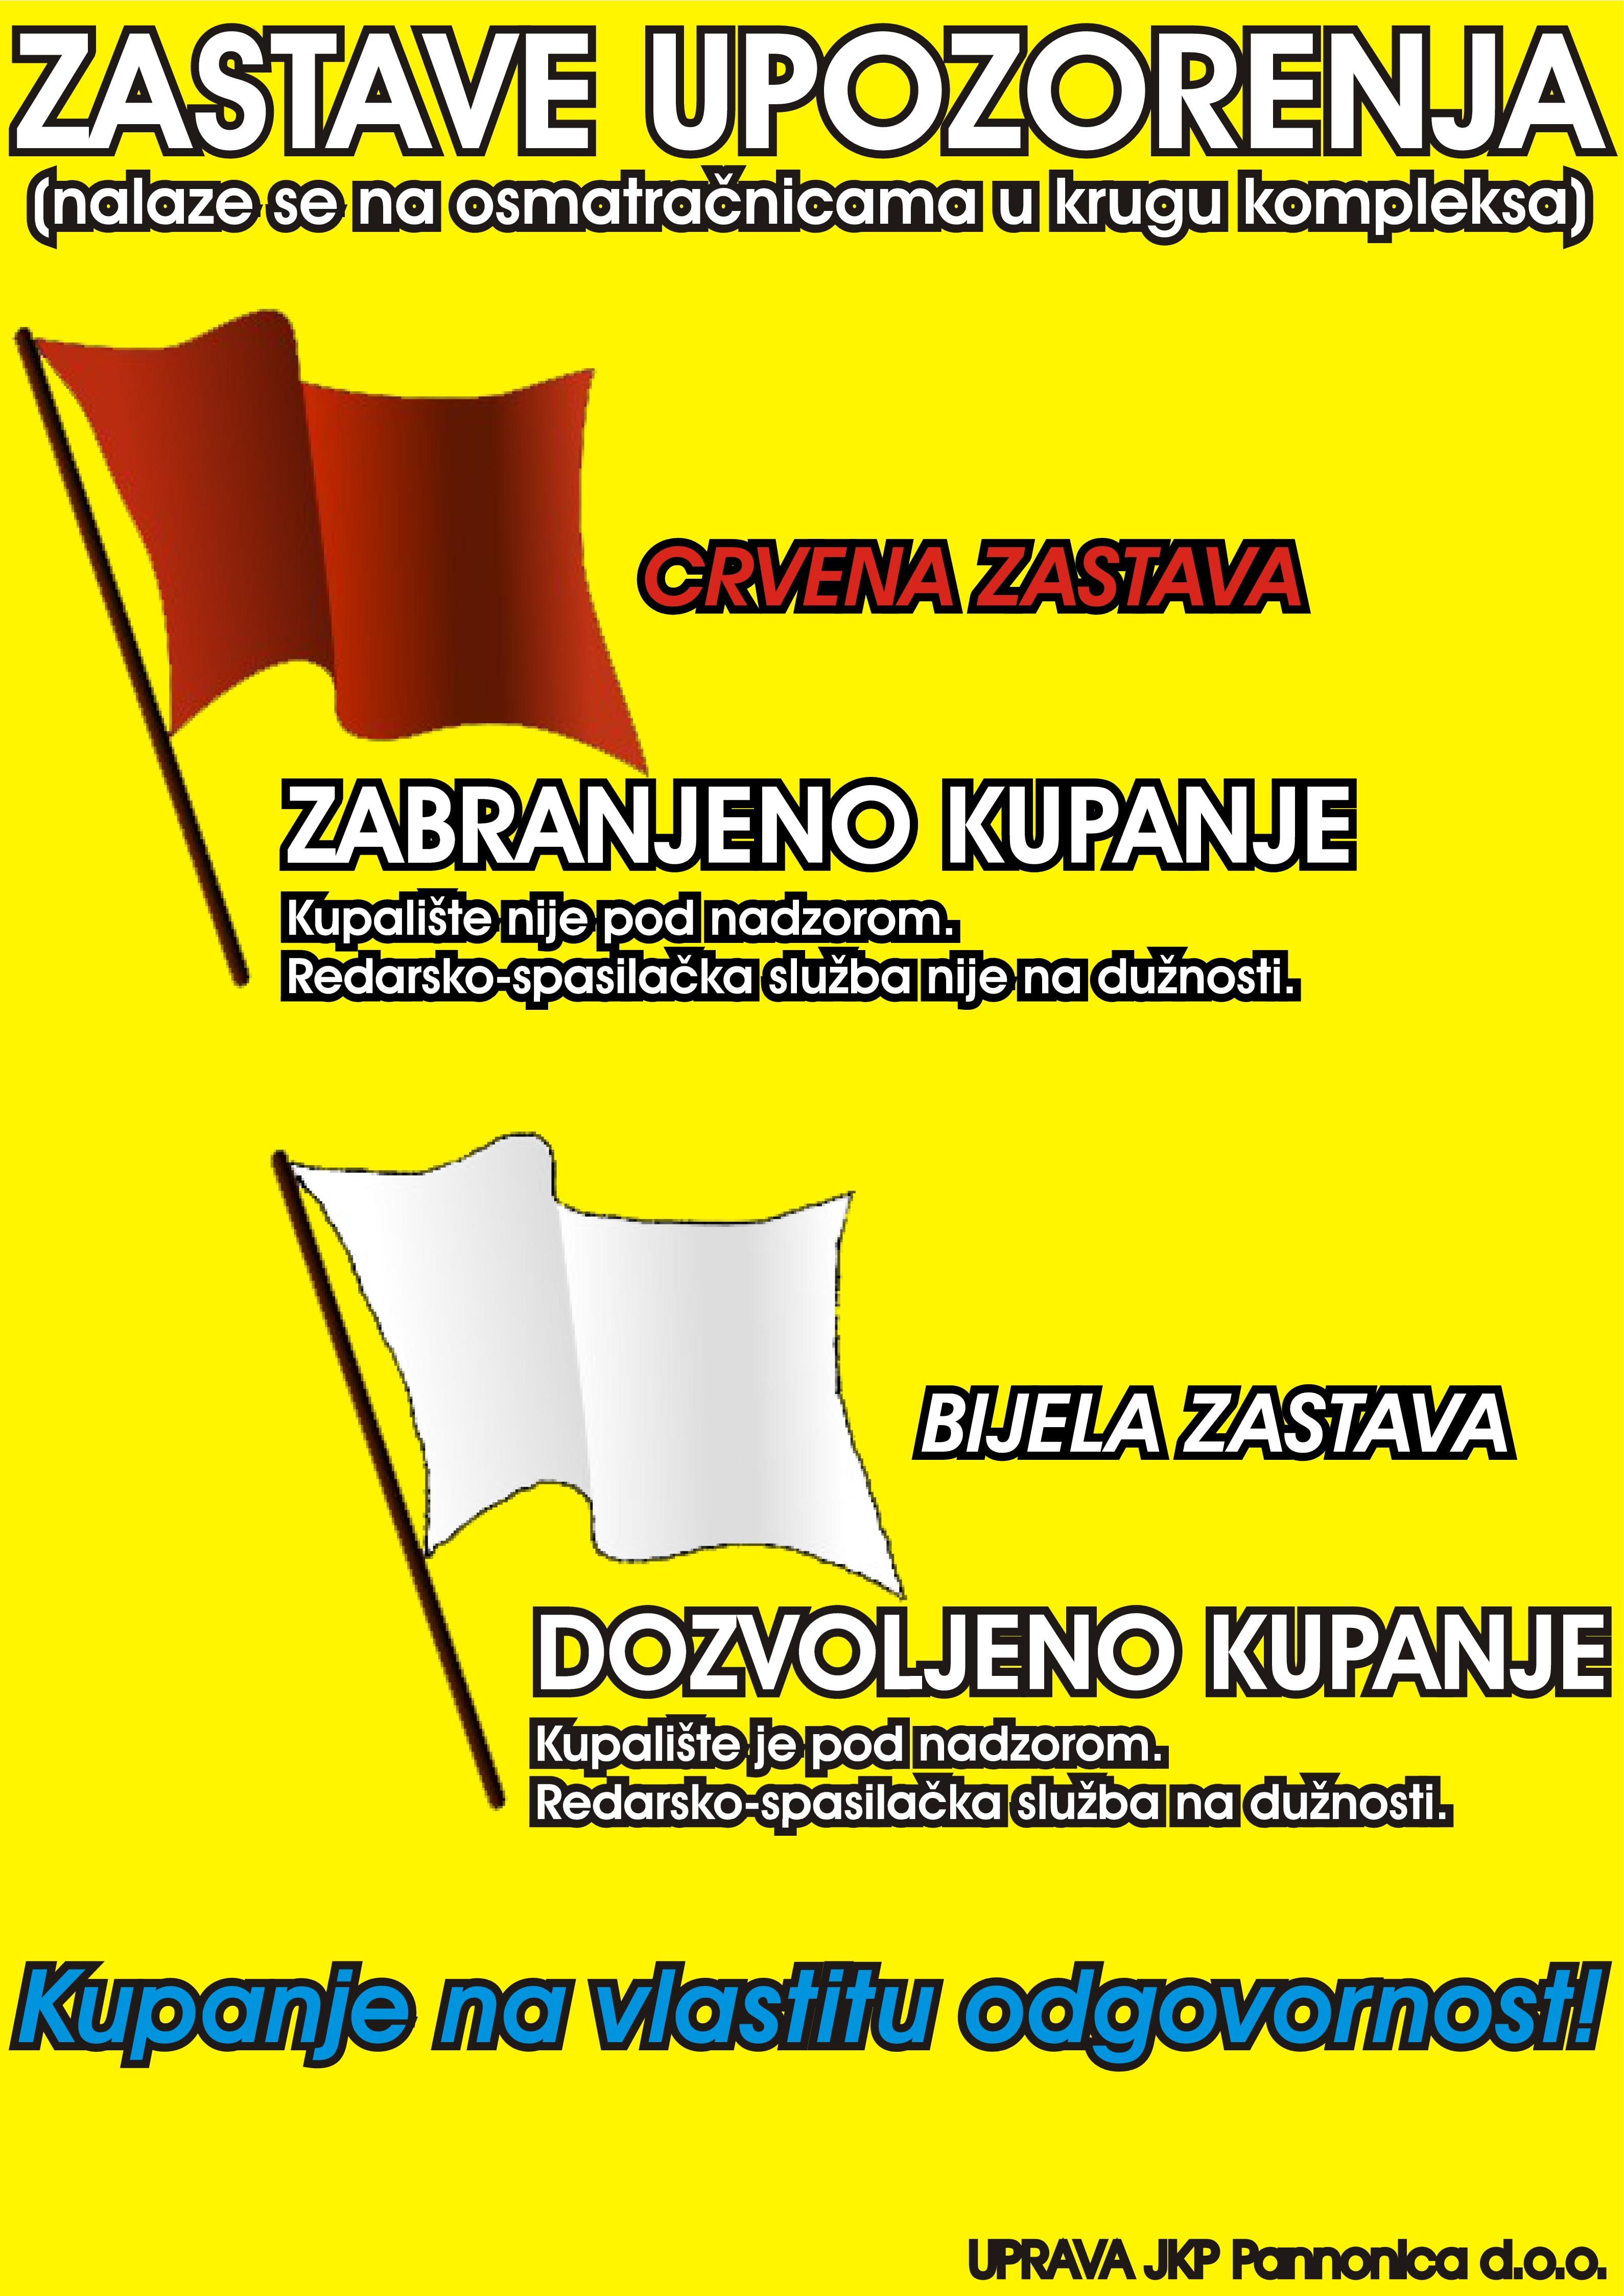 zastave upozorenja